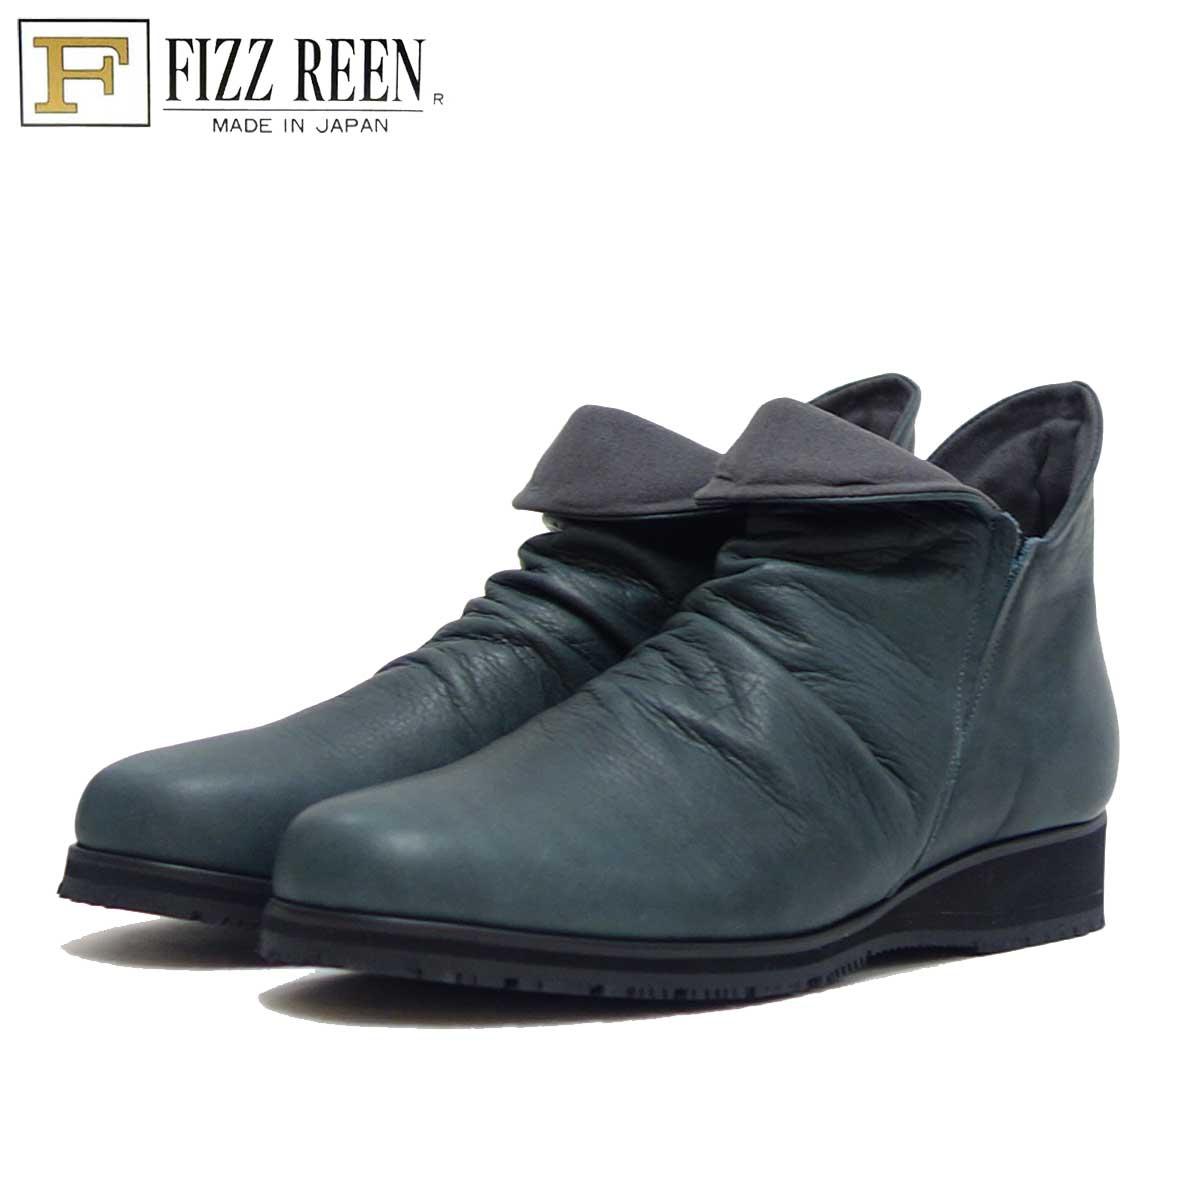 フィズリーン FIZZ REEN 50005 ネイビー(日本製) ソフトレザーの快適ショートブーツ 「靴」